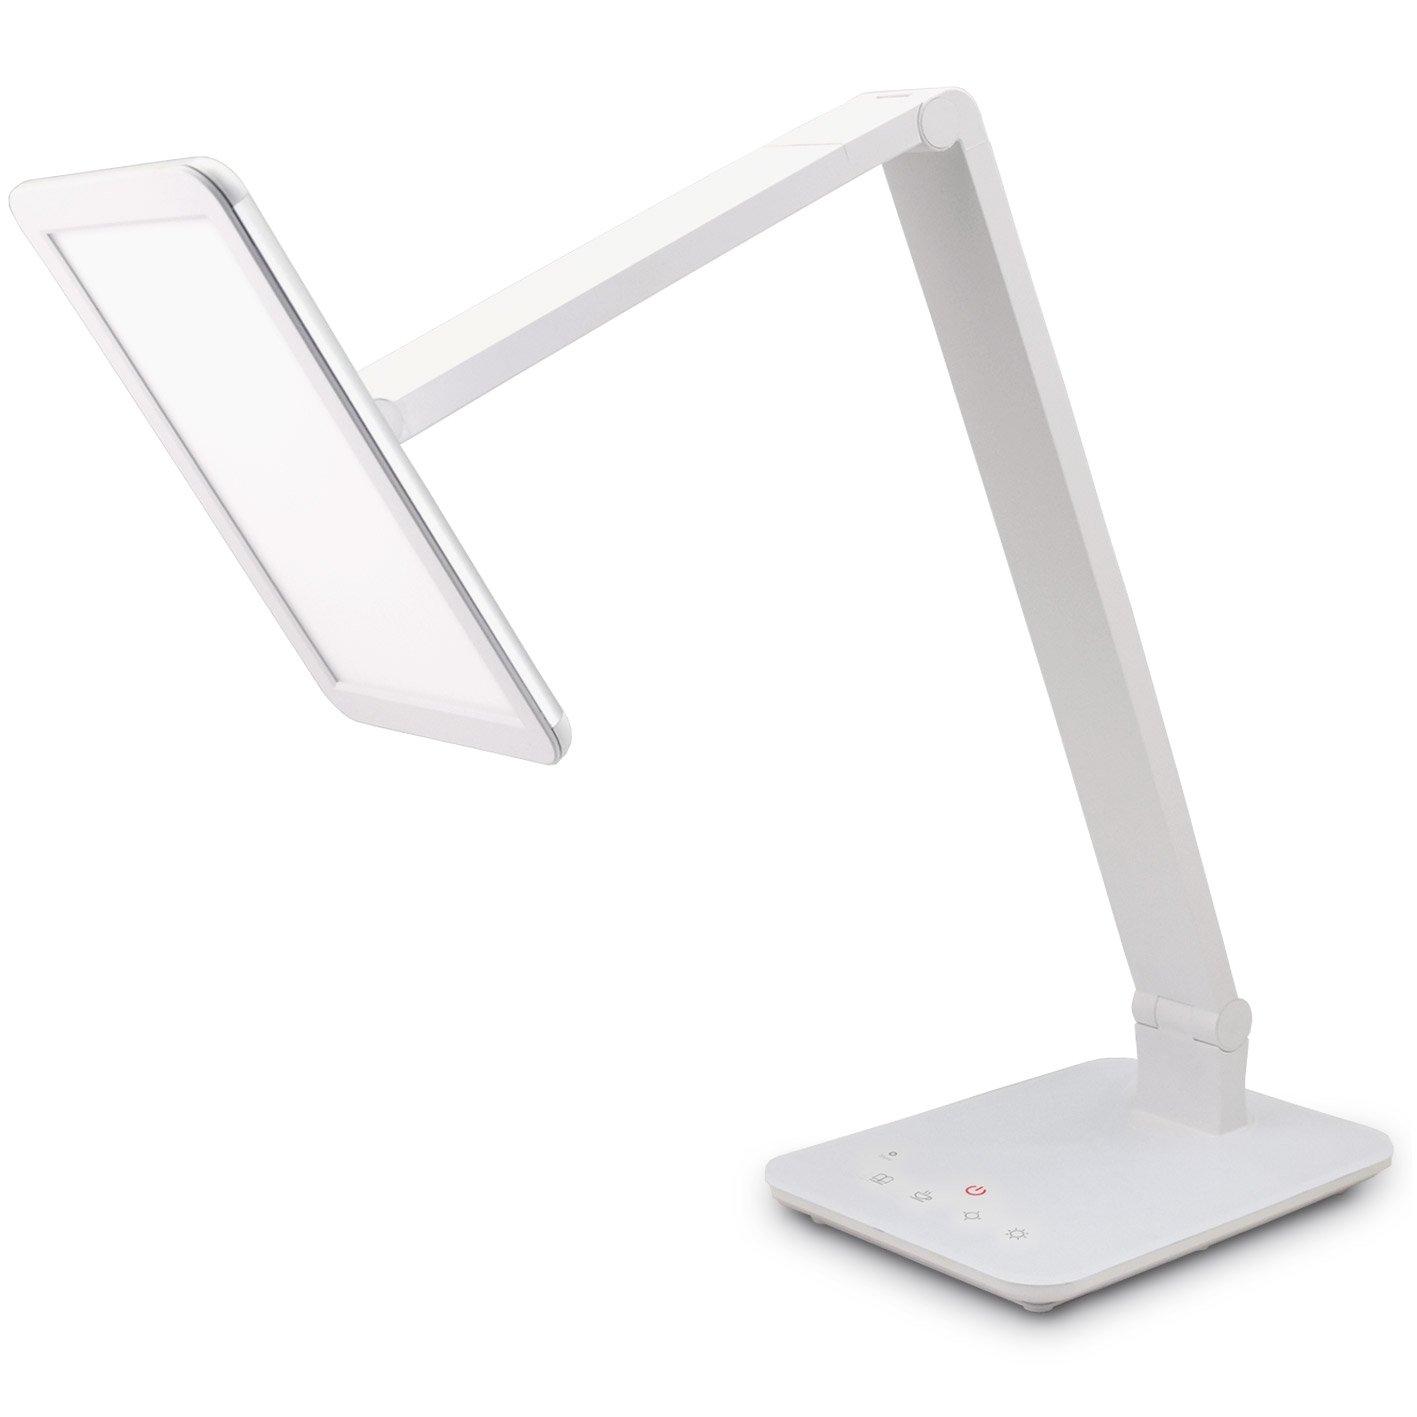 FeinTech LTL00100 LED Schreibtisch-Lampe Lichtfarbe warmweiß bis kaltweiß dimmbar 550 lm weiß [Energieklasse A]